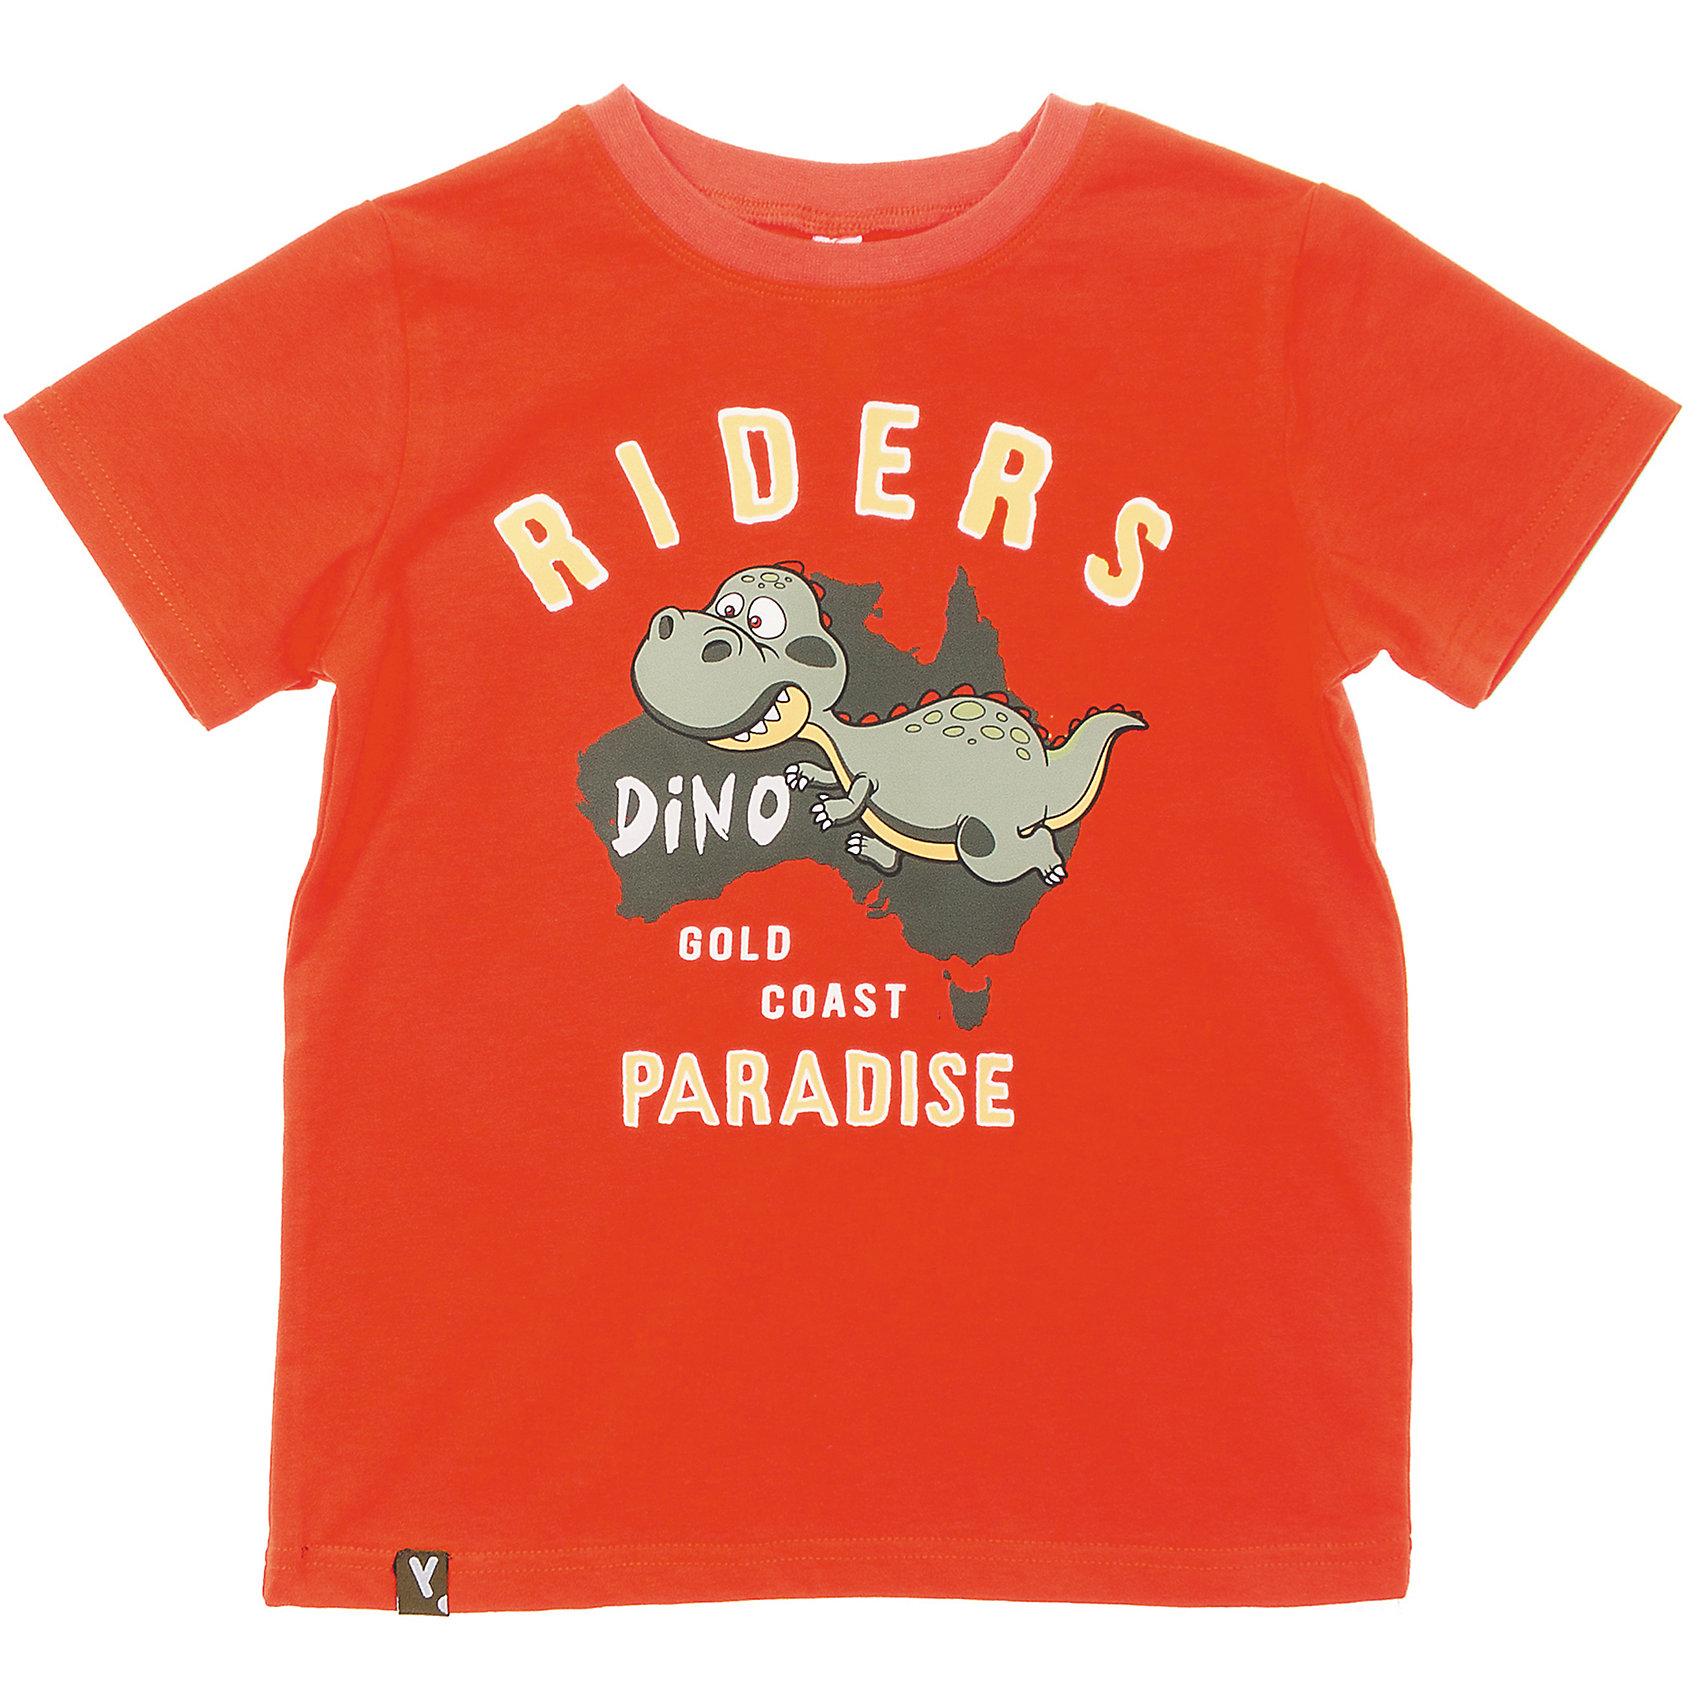 Футболка для мальчика PlayTodayСтильная хлопковая футболка красно-оранжевого цвета. Украшена резиновым принтом с динозавром. На воротнике мягкая резинка. Состав: 95% хлопок, 5% эластан<br><br>Ширина мм: 199<br>Глубина мм: 10<br>Высота мм: 161<br>Вес г: 151<br>Цвет: оранжевый<br>Возраст от месяцев: 84<br>Возраст до месяцев: 96<br>Пол: Мужской<br>Возраст: Детский<br>Размер: 128,98,116,122,110,104<br>SKU: 4652477